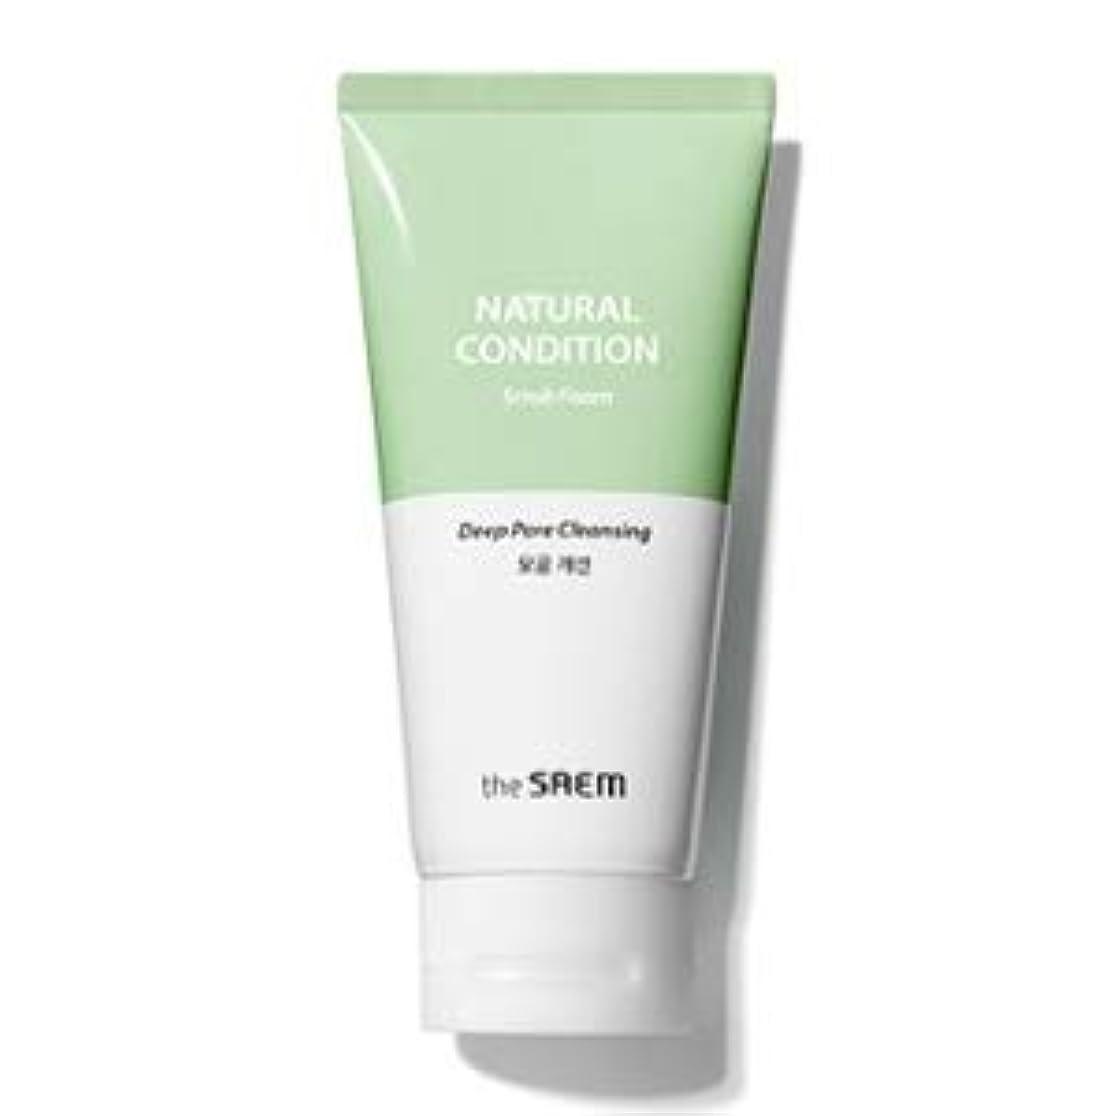 三角カウントアップ気がついてThe Saem Natural Condition Scrub Foam [Deep pore cleansing] (R)/ ザセム ナチュラルコンディションスクラブフォーム[毛穴改善] (R) [並行輸入品]